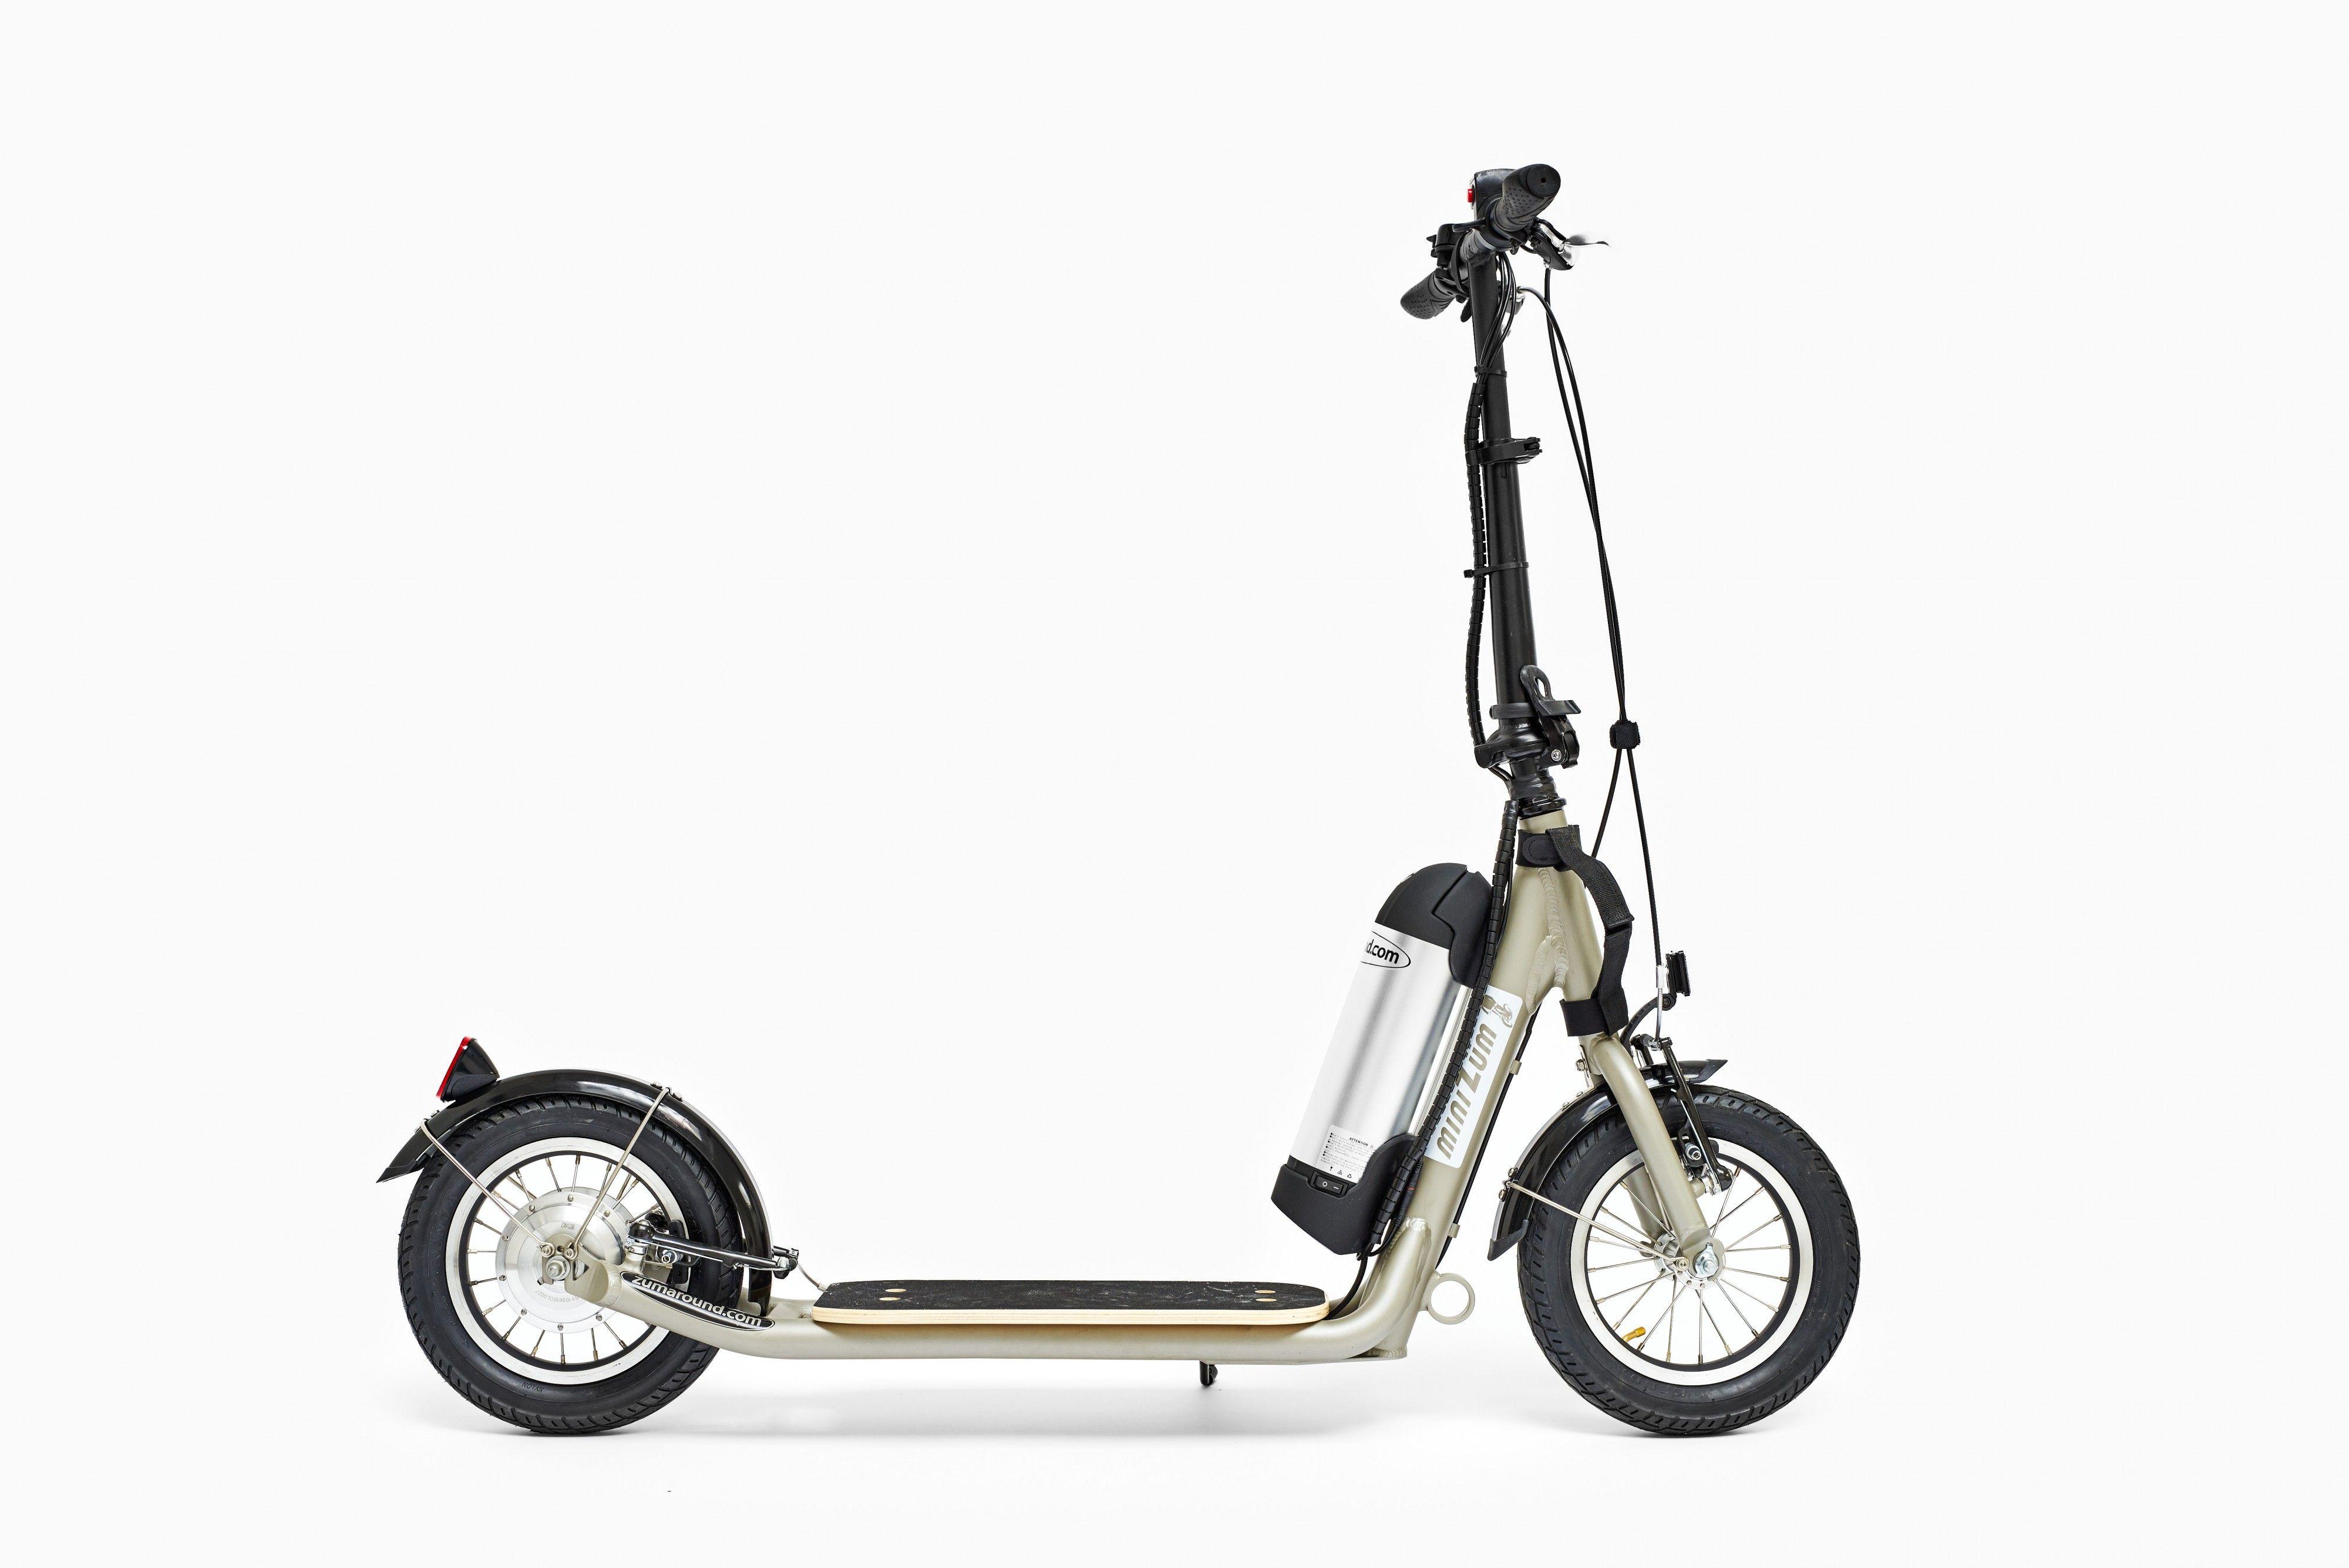 Silver Minizum Electric Kick Scooter Canada